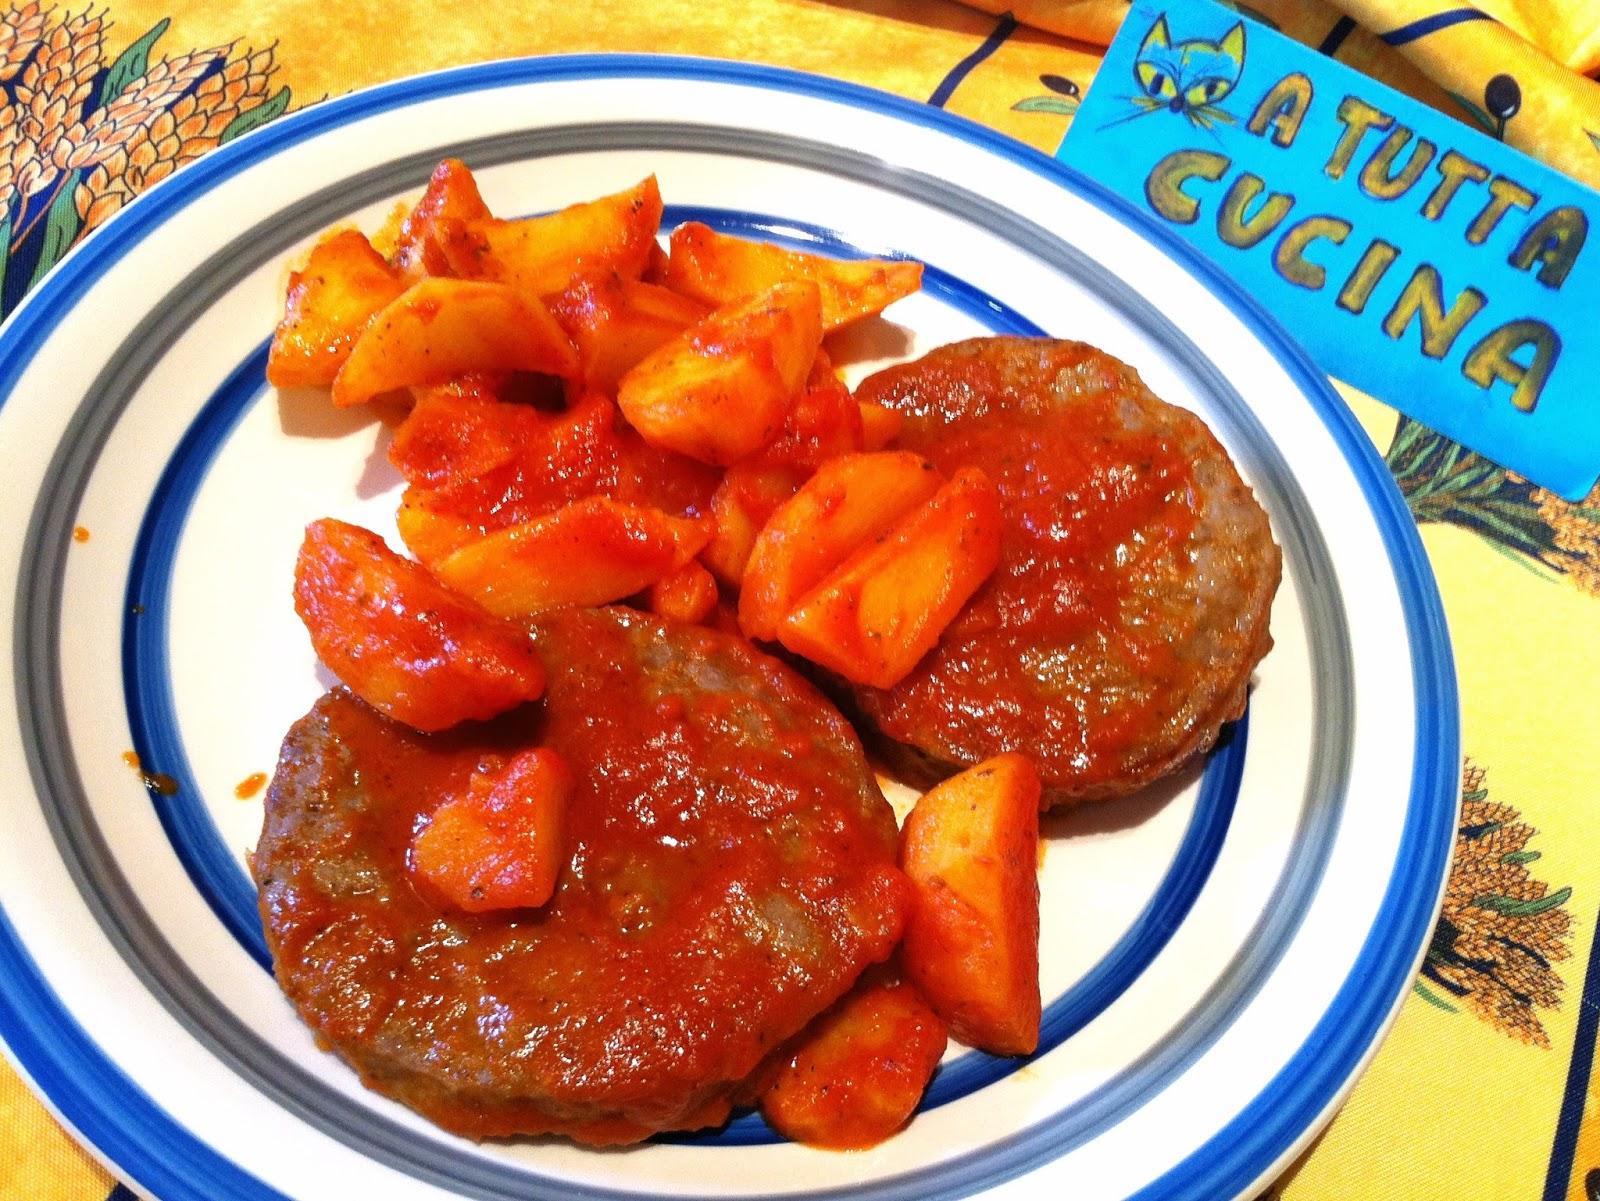 tagliare ogni patata novella in 4 parti metterle in una larga padella unirvi laglio schiacciato 4 cucchiai dolio e rosolare a fiamma vivace per 5